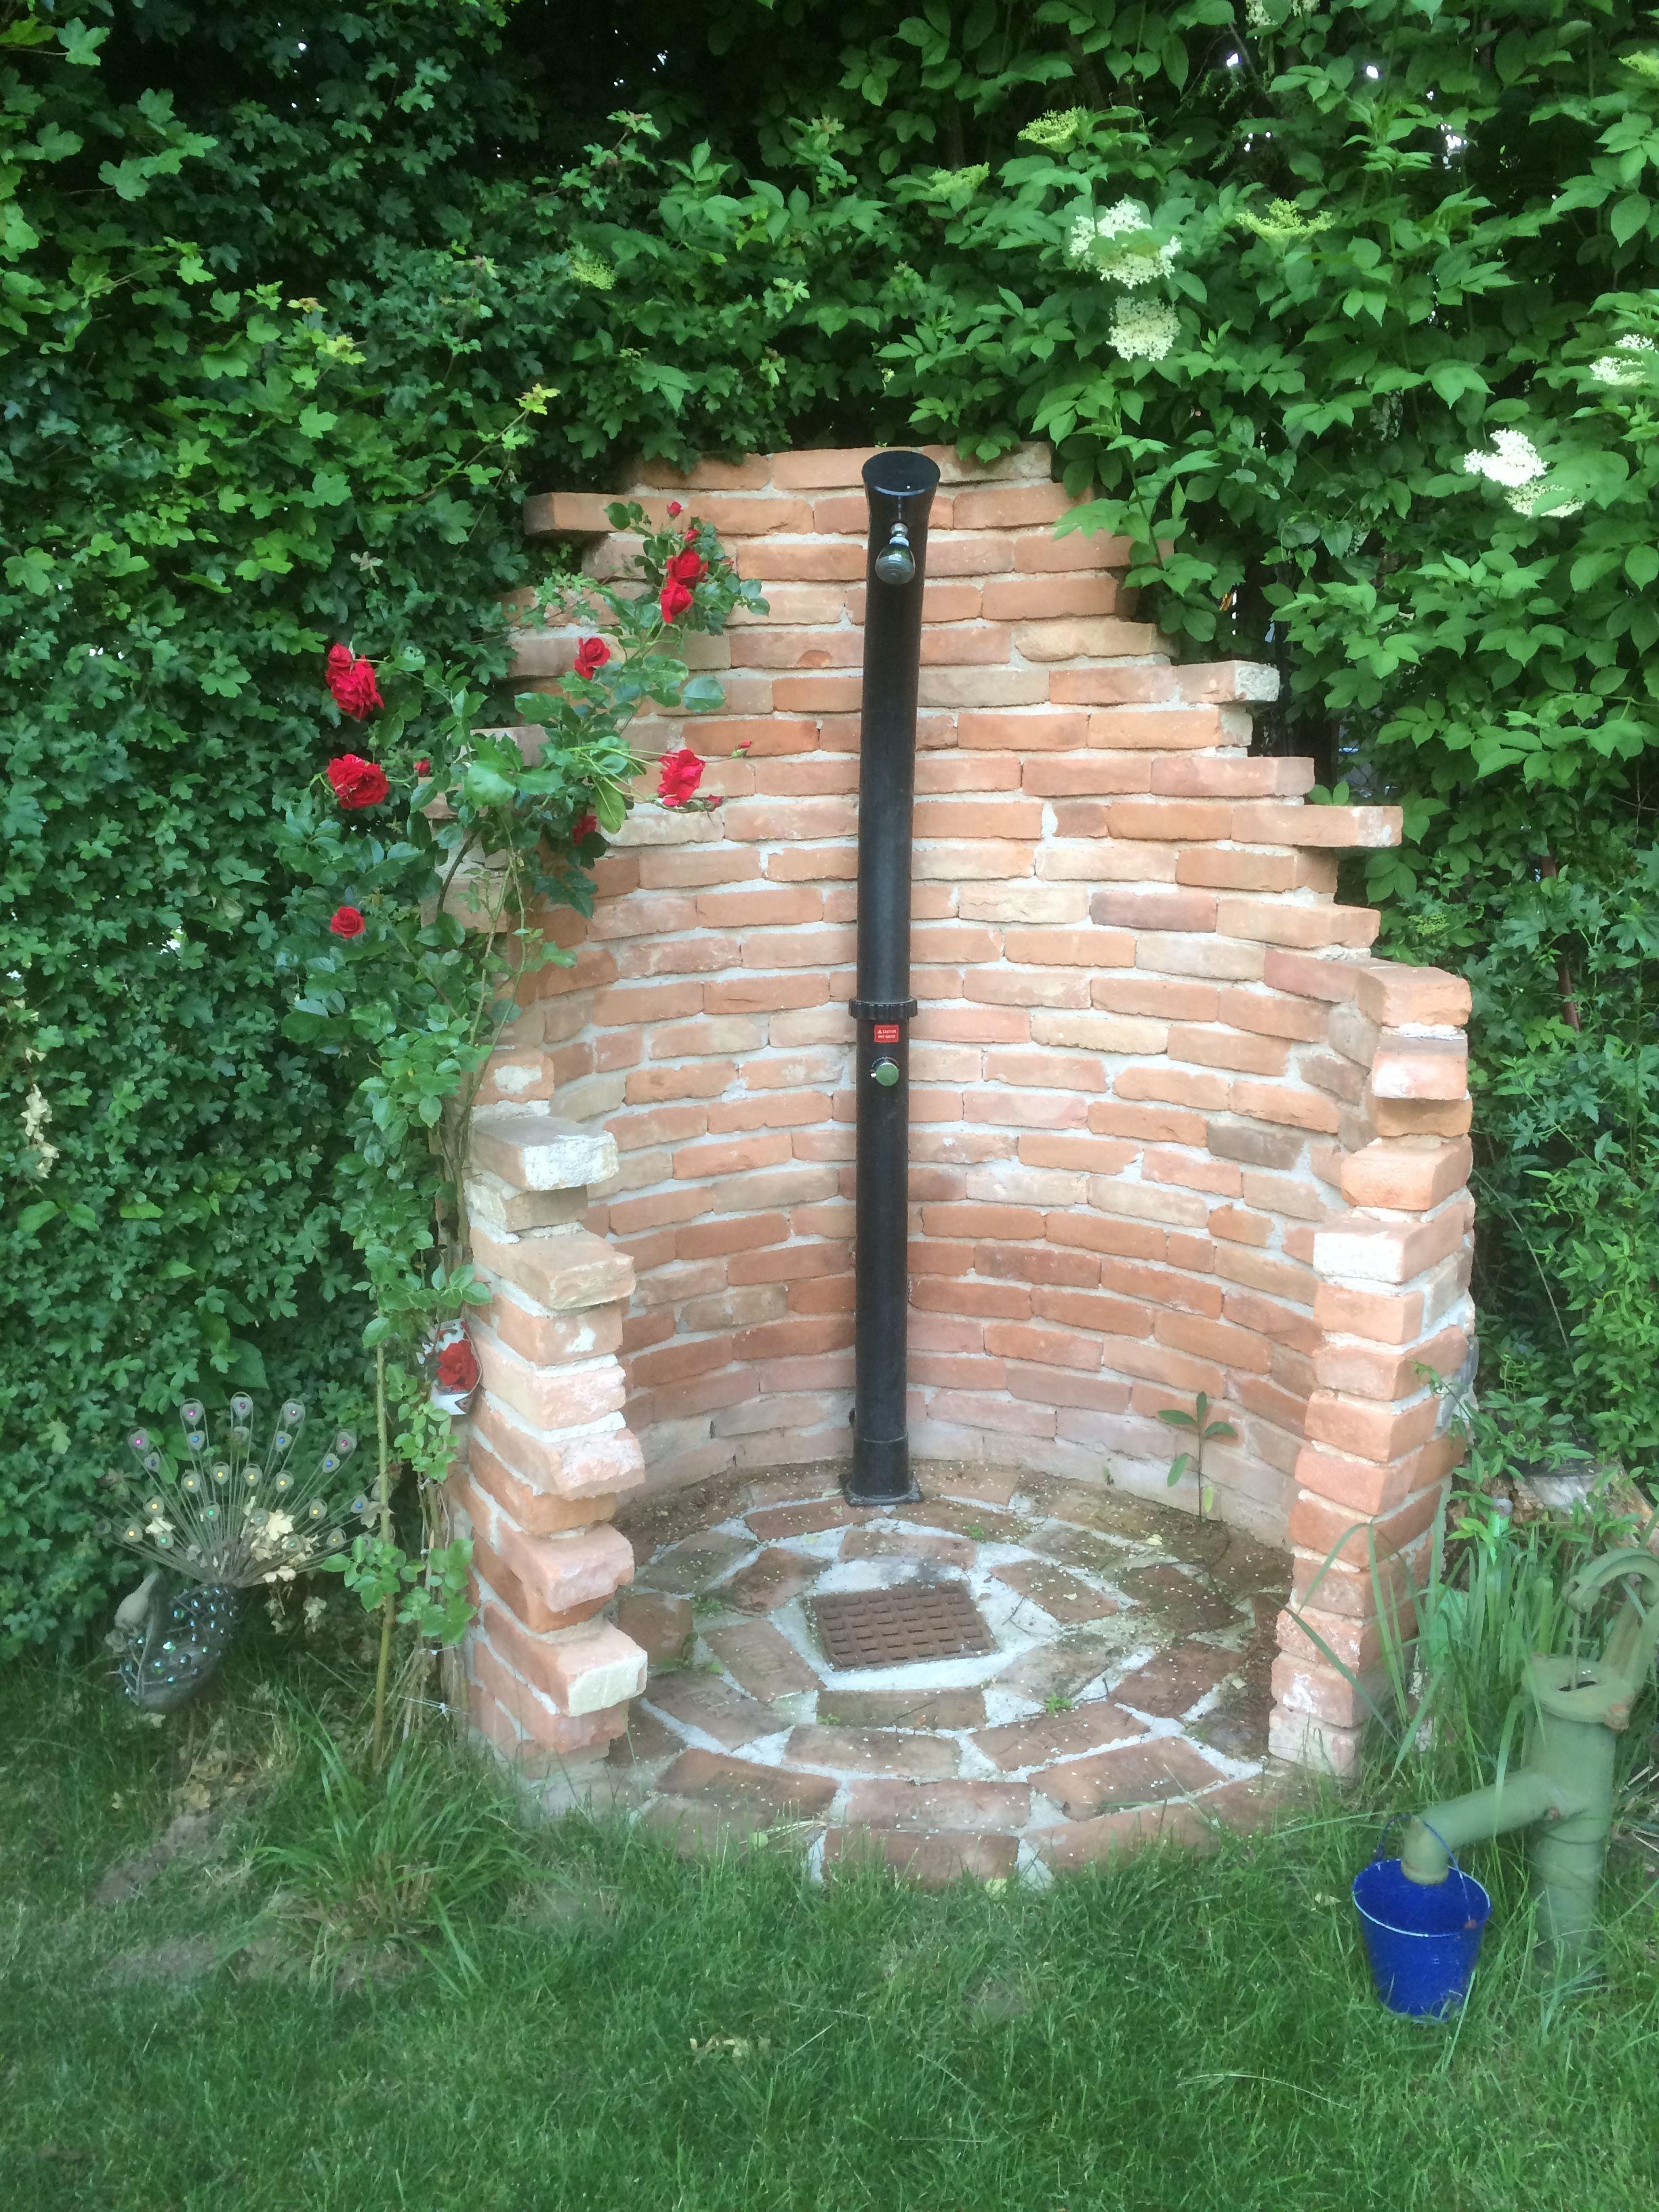 Solardusche In Ruine Poolimgartenideen Solardusche In Ruine Garden Shower Garden Design Garden Decor